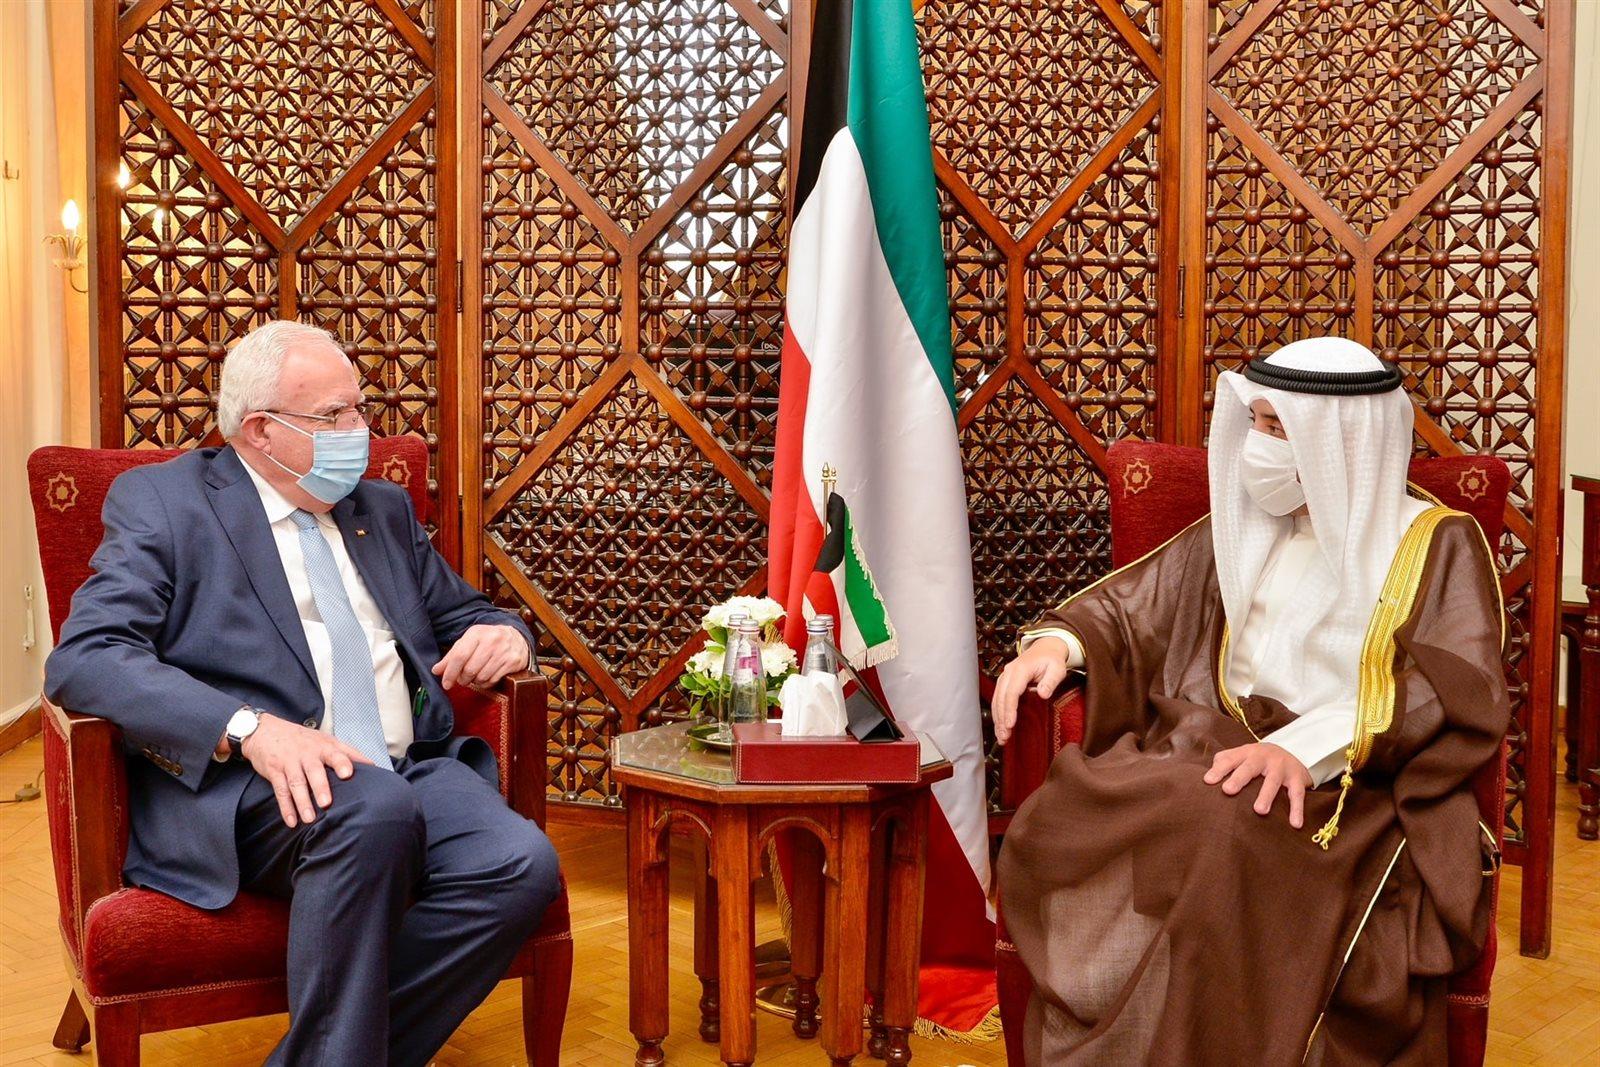 وزير الخارجية الكويتي ونظيره الفلسطيني